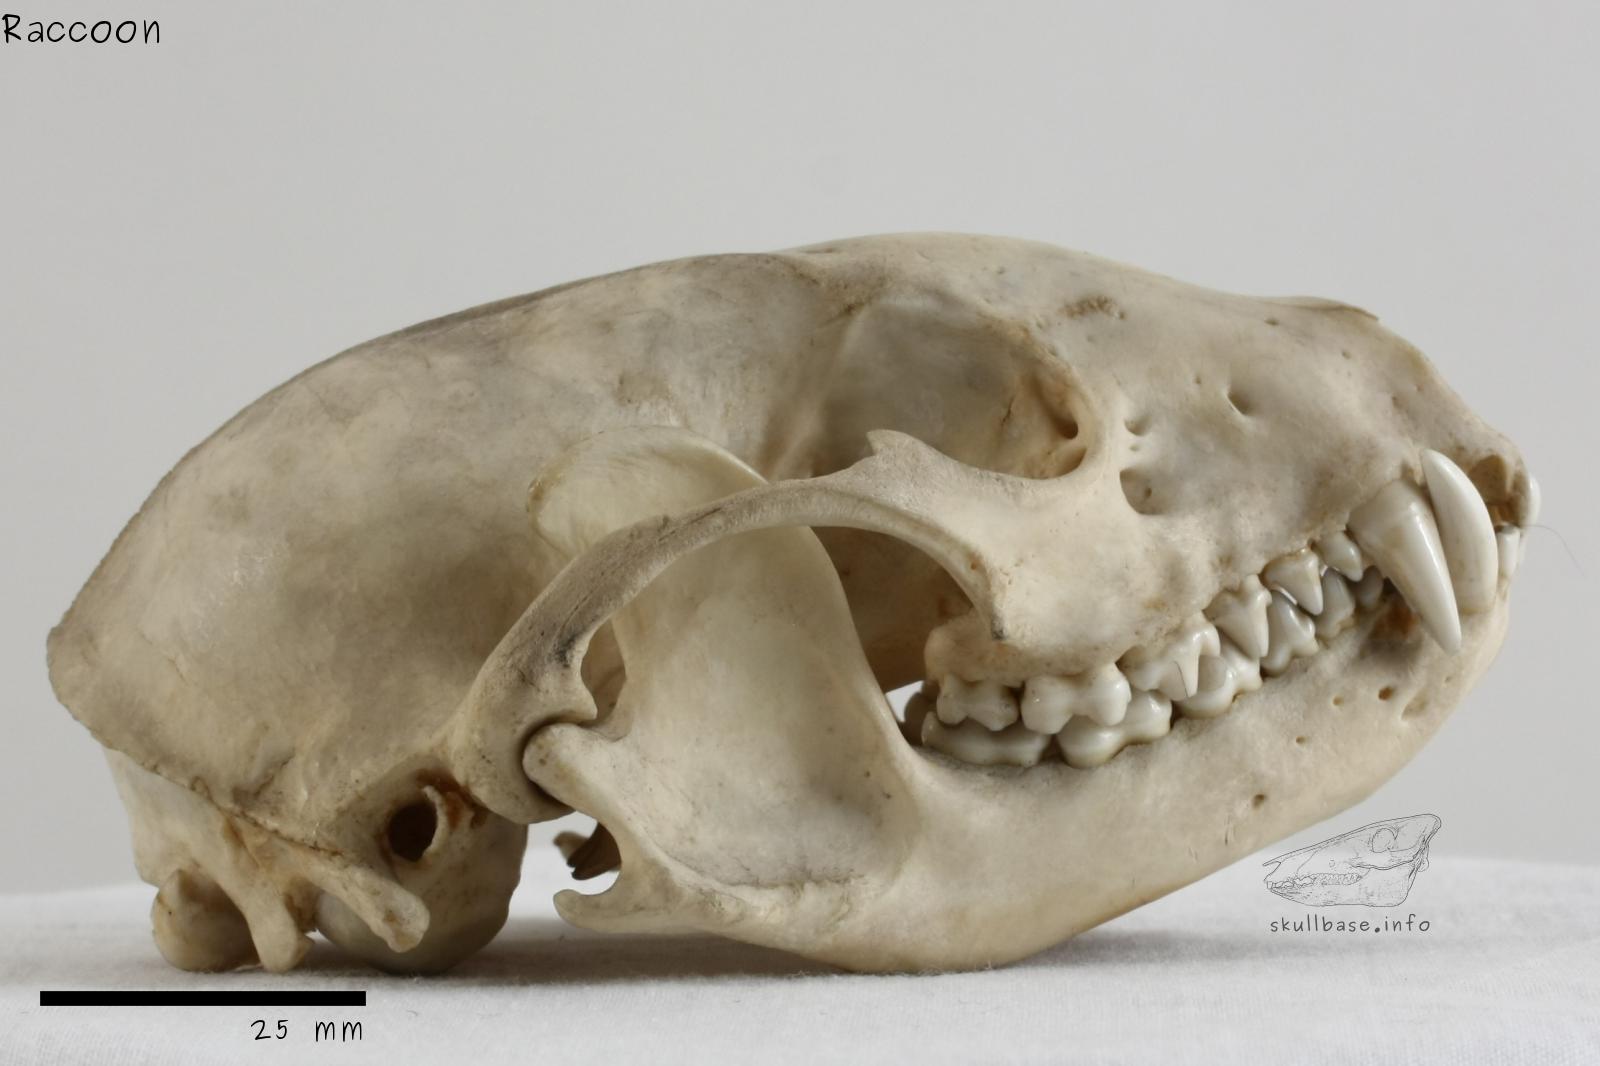 Raccoon - Skull Base